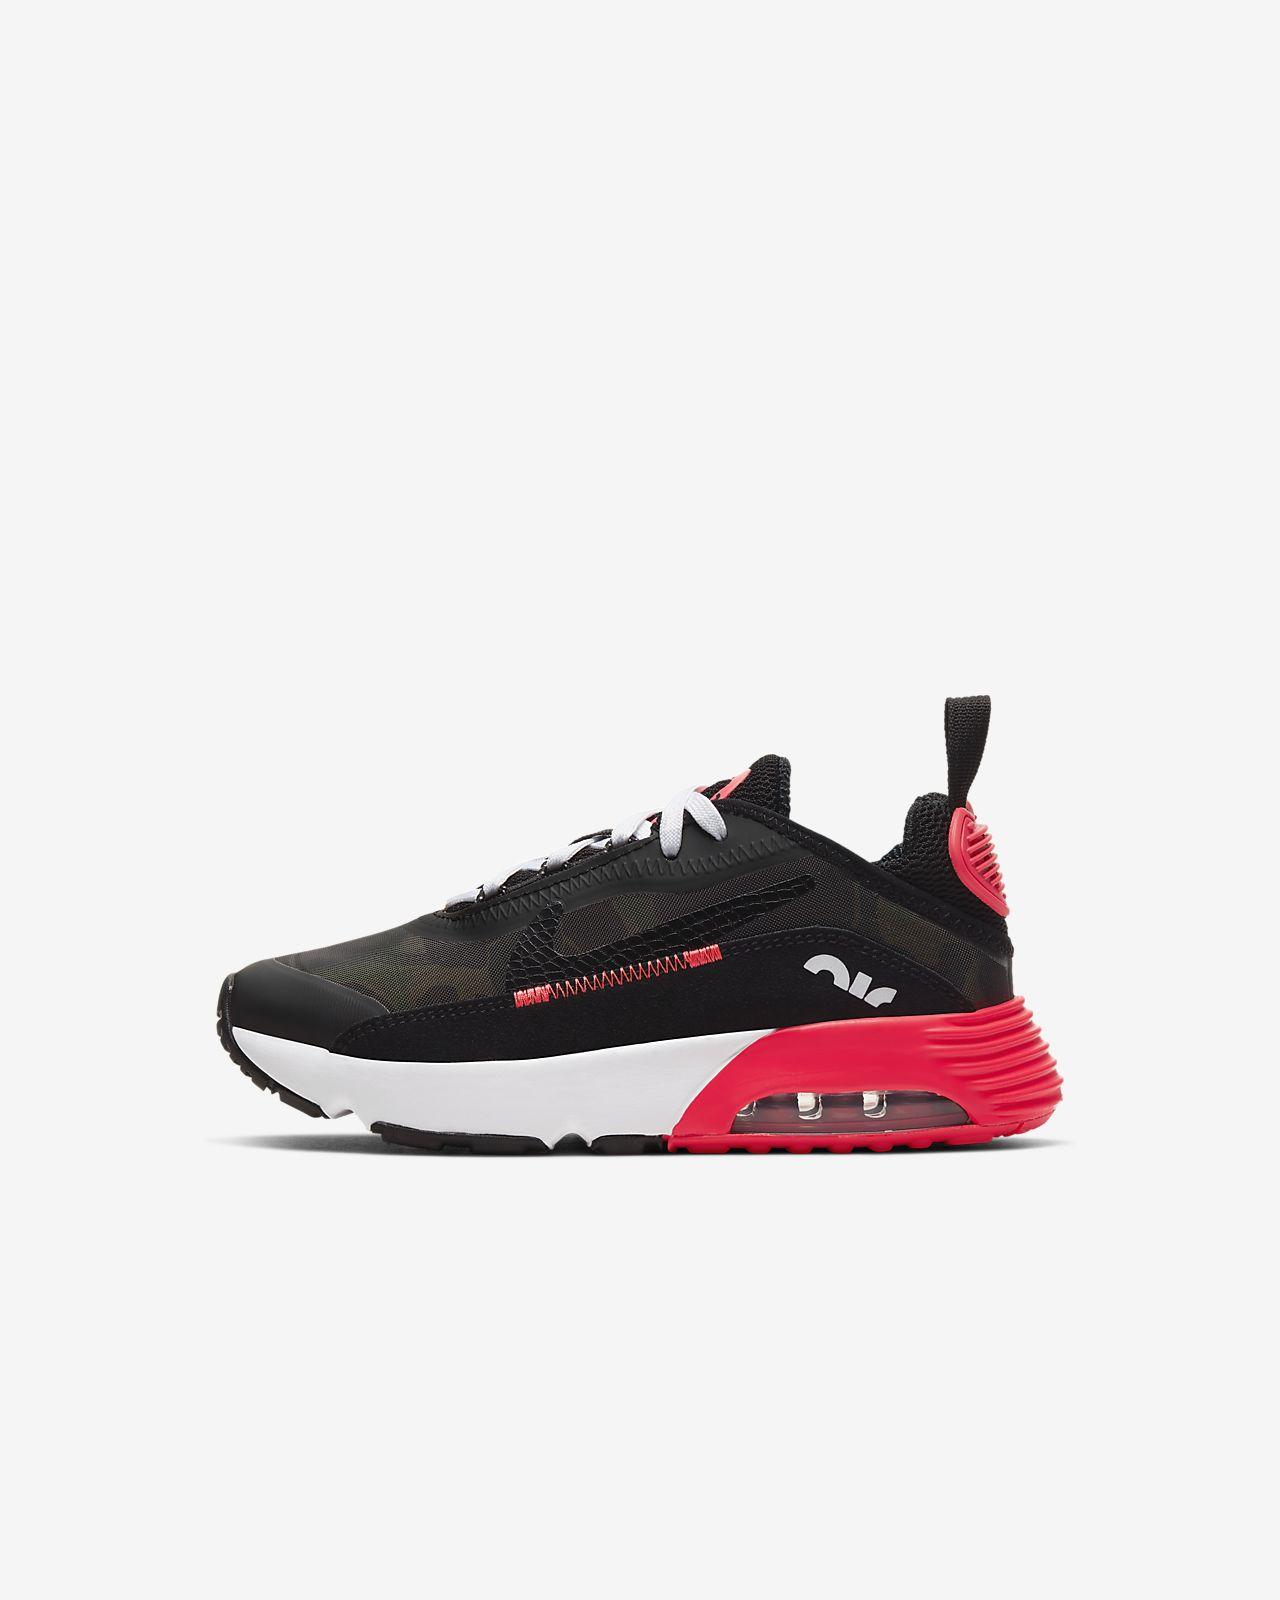 Nike Air Max 2090 SP Schuh für jüngere Kinder